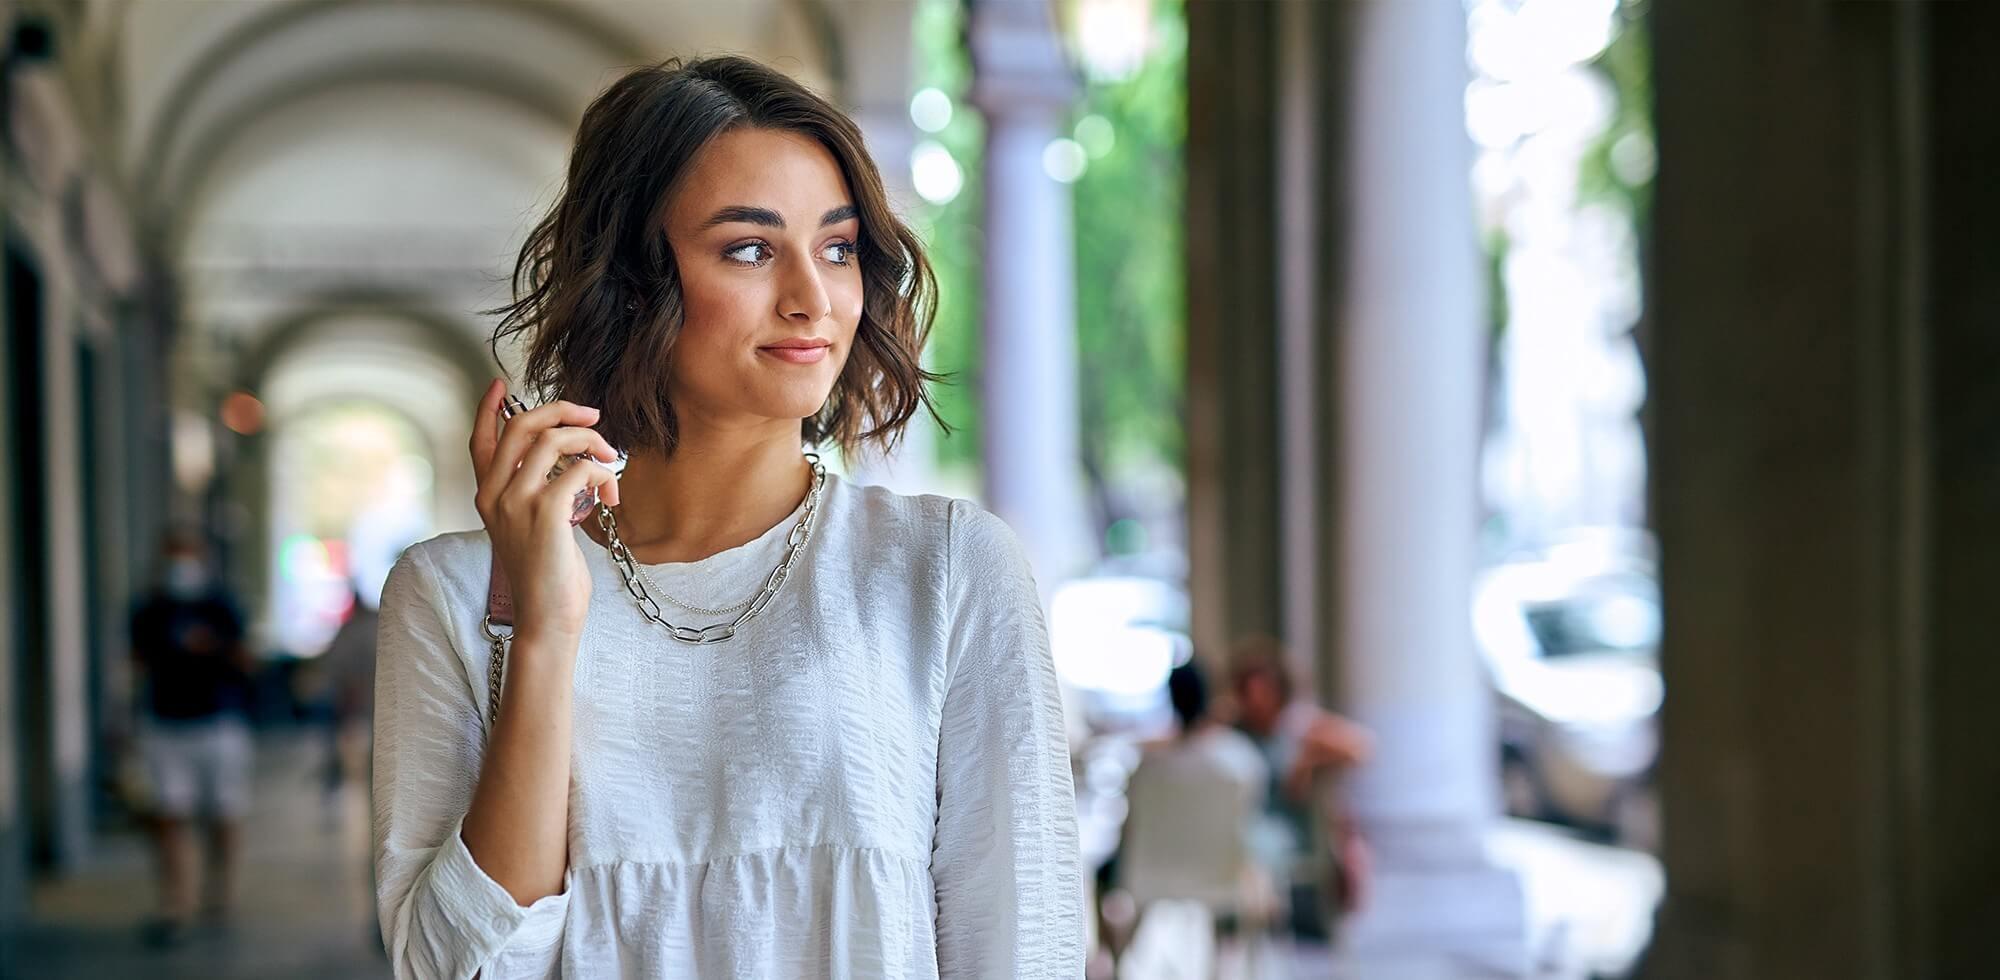 najlepšie vône pre ženy, výber parfému podľa typu osobnosti